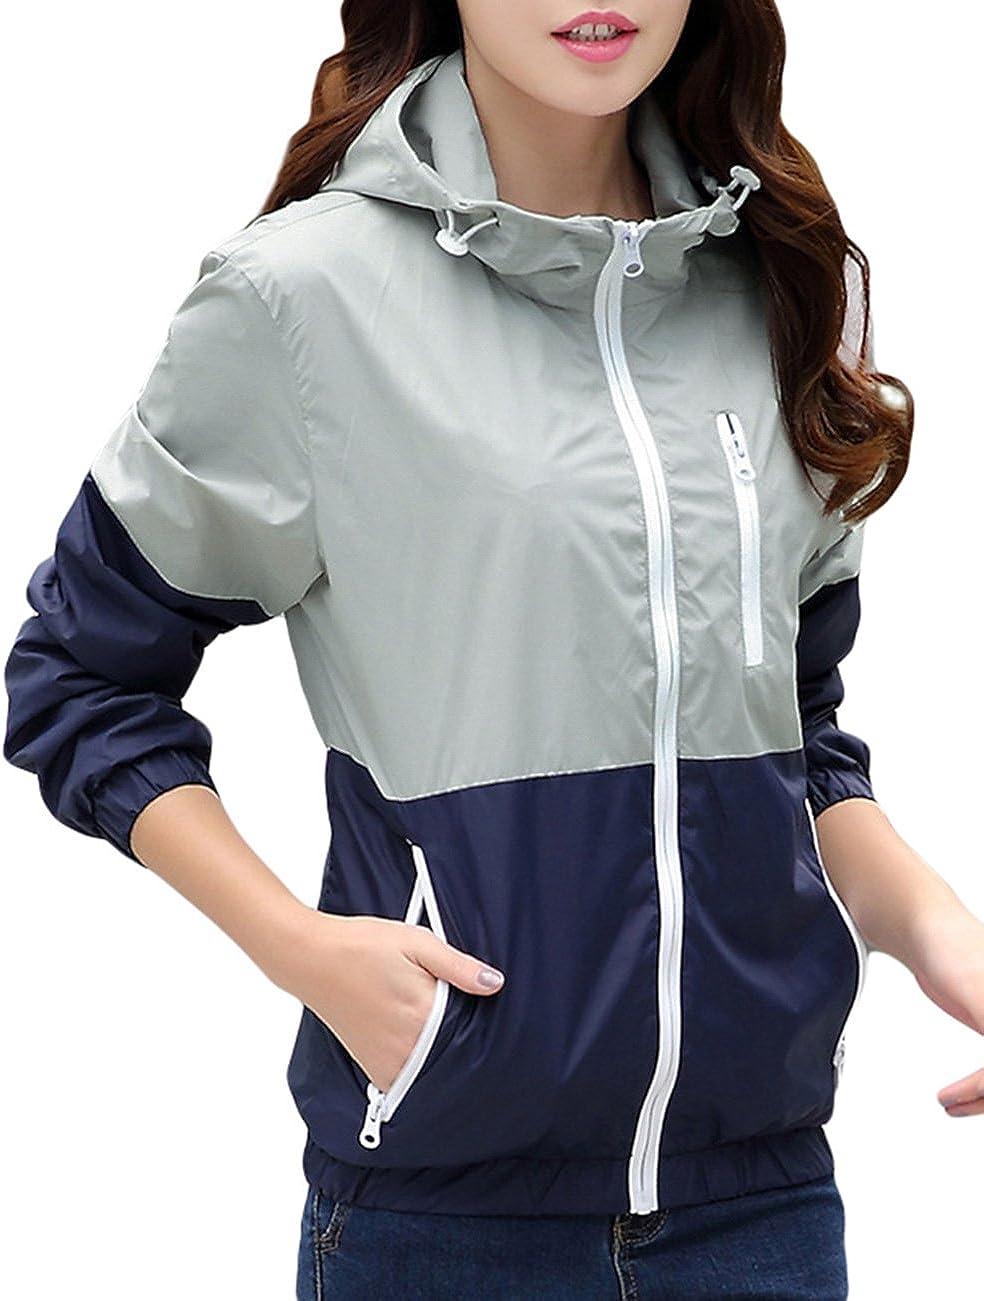 Women's Sun Protect Outdoor Jacket Quick Dry Windproof Water RepellentCoat